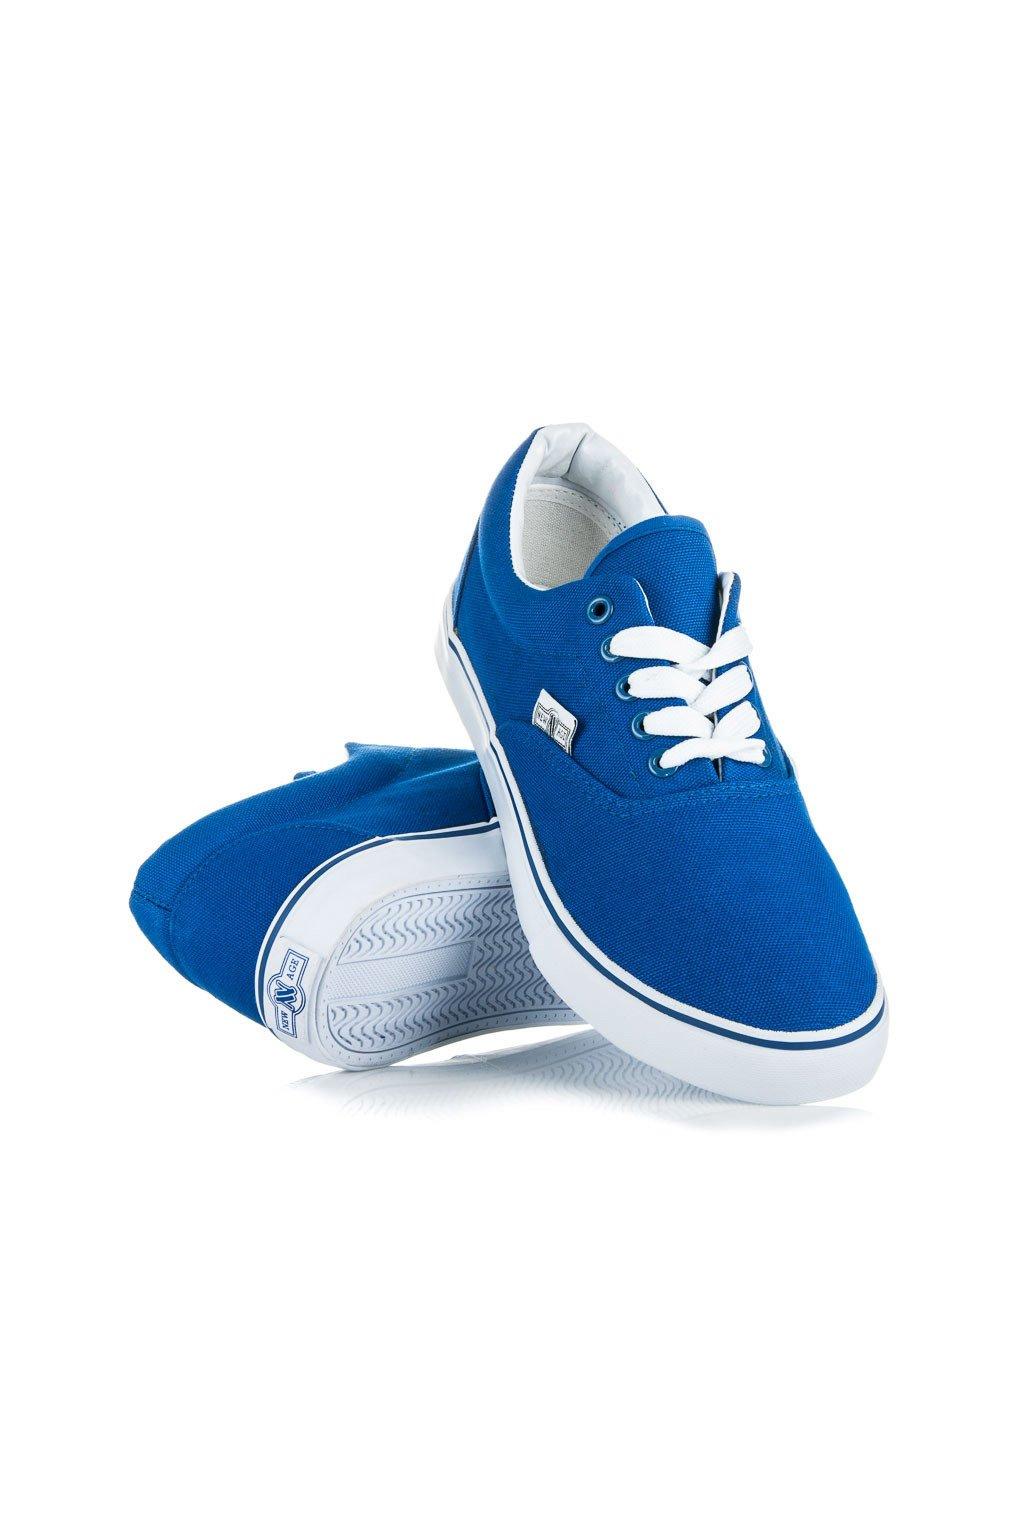 Plátené tenisky modré New Age Plátené tenisky modré New Age ... 70097948565